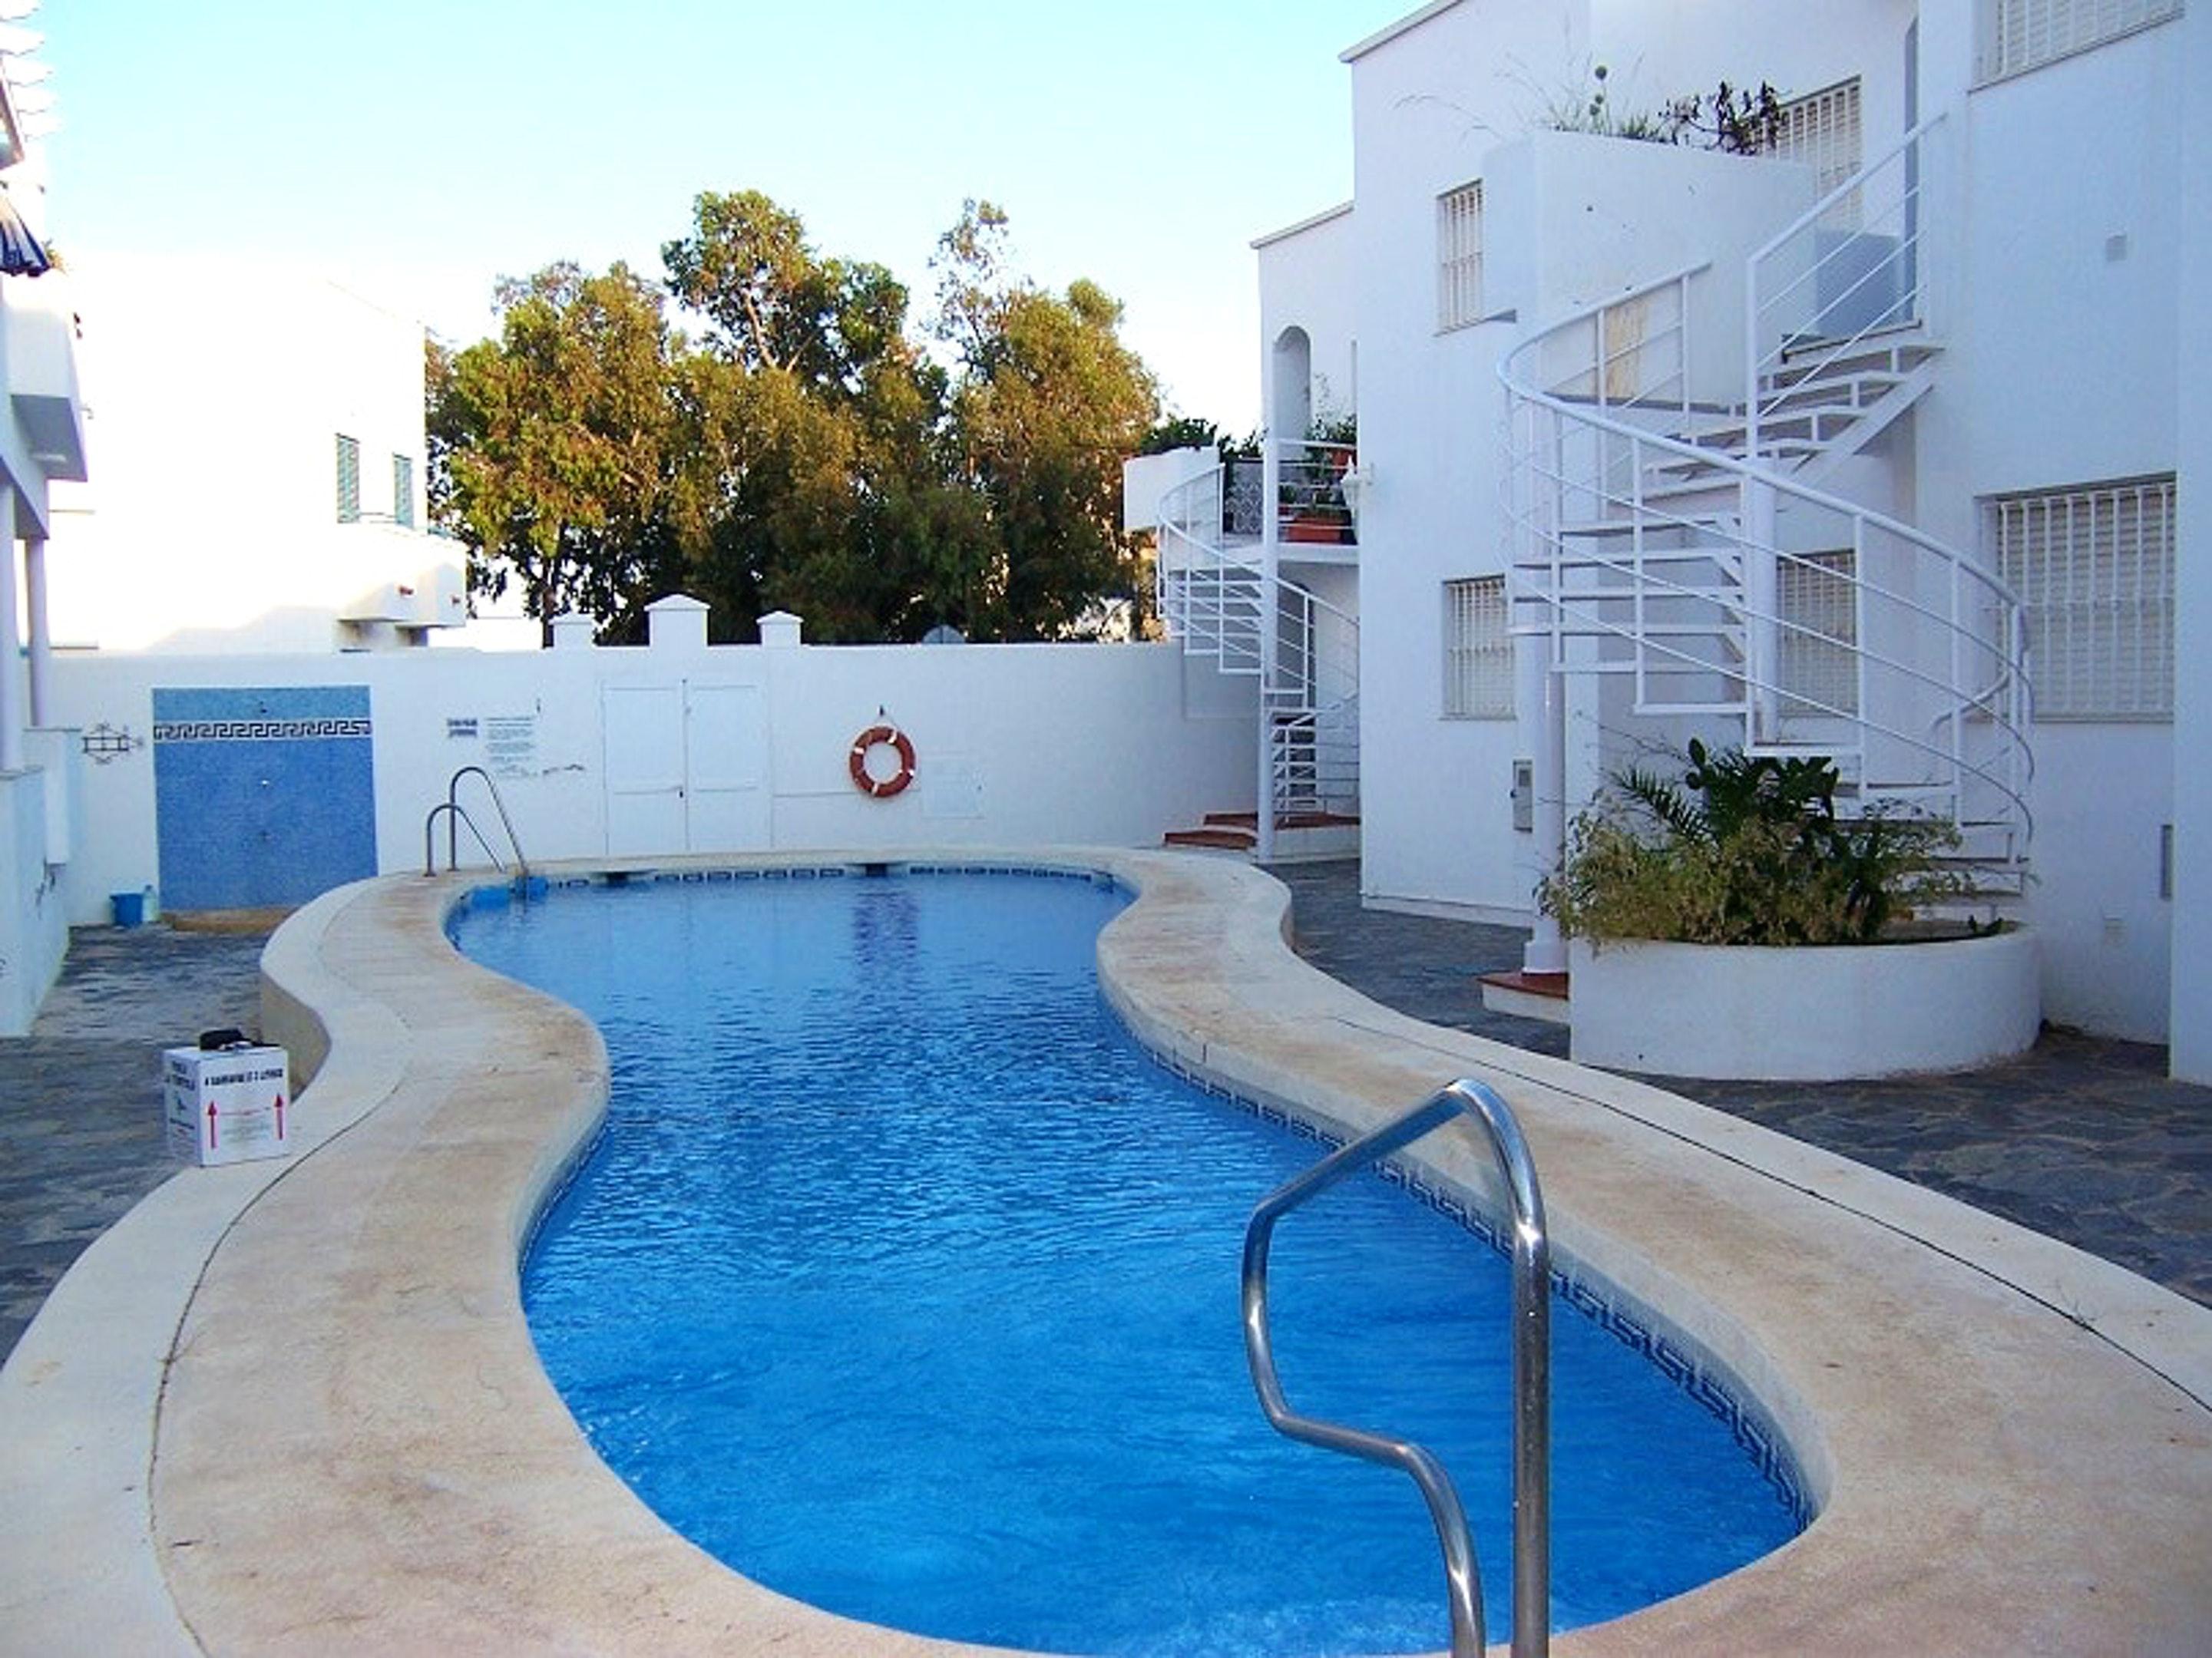 Ferienwohnung Wohnung mit 2 Schlafzimmern in San José de Nijar mit privatem Pool, Terrasse und W-LAN - 5 (2271490), San Jose, Costa de Almeria, Andalusien, Spanien, Bild 3